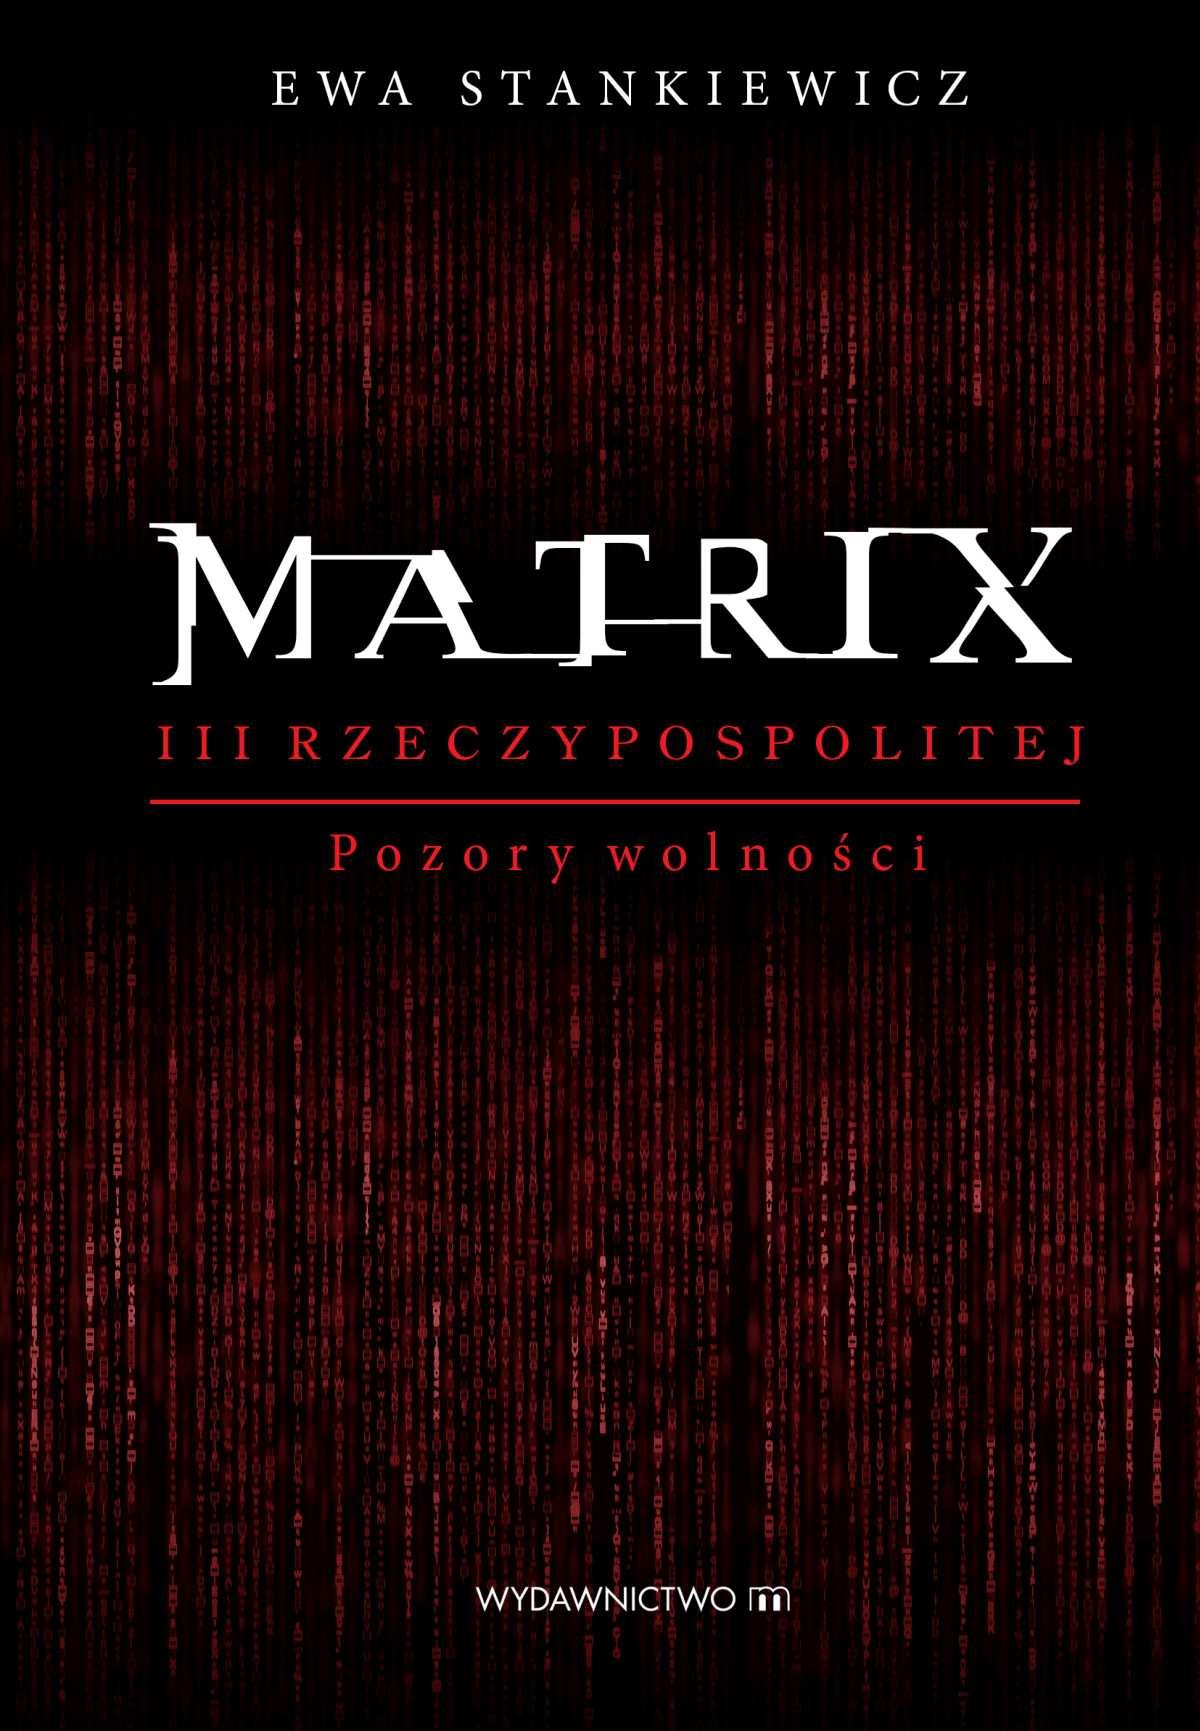 Matrix III Rzeczypospolitej. Pozory wolności - Ebook (Książka EPUB) do pobrania w formacie EPUB